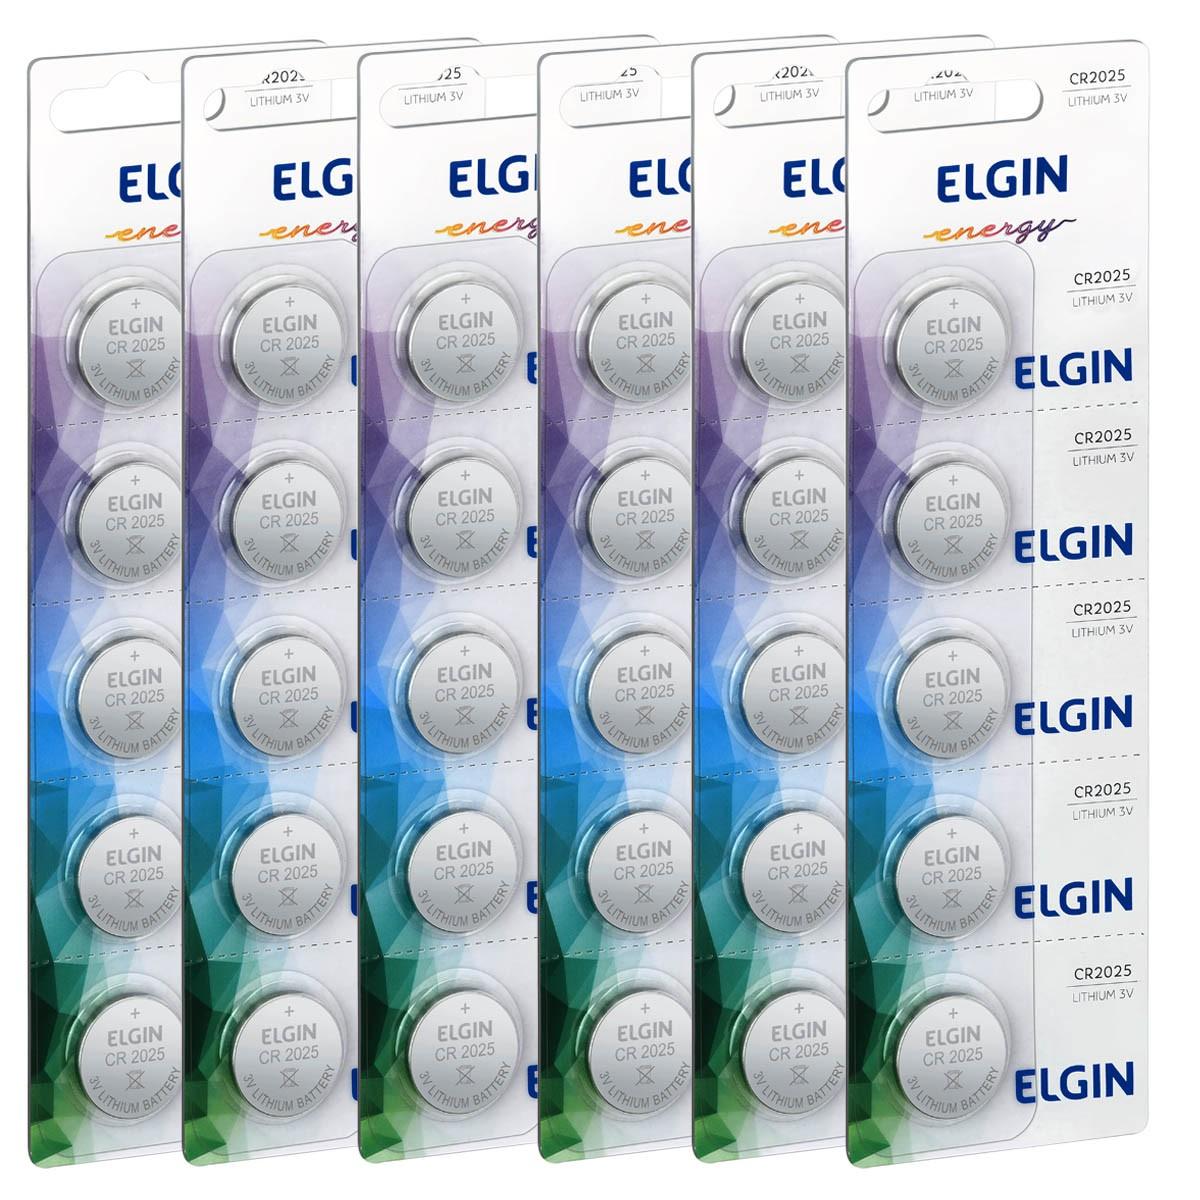 30 Baterias Pilhas Lithium 3V Elgin CR2025 6 cartela